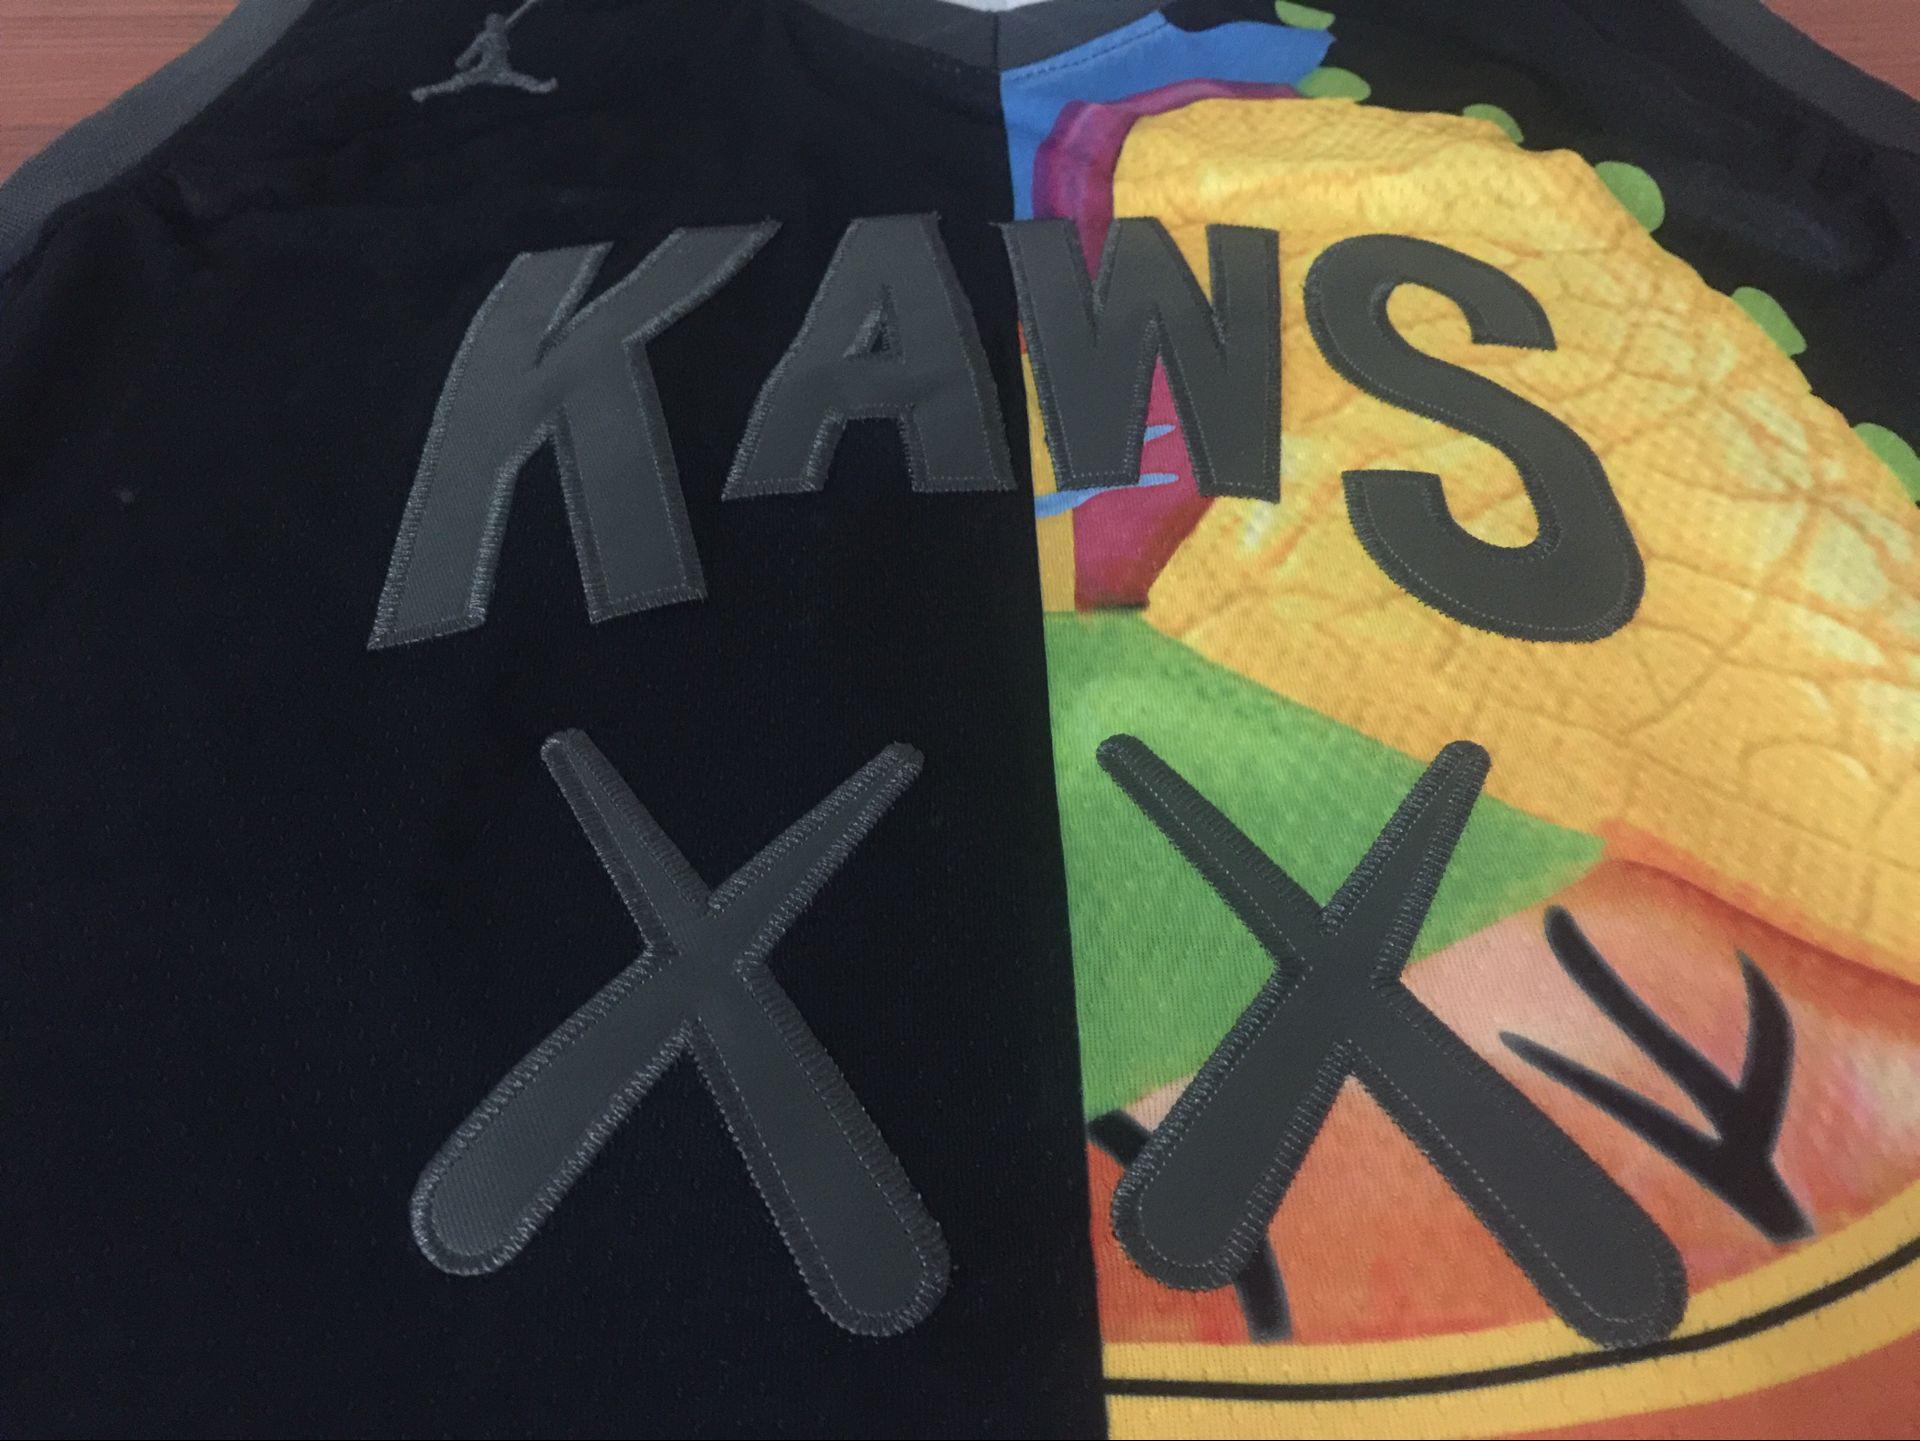 23号  KAWS x Jordan x NBA 三方客制联名球衣 篮球服